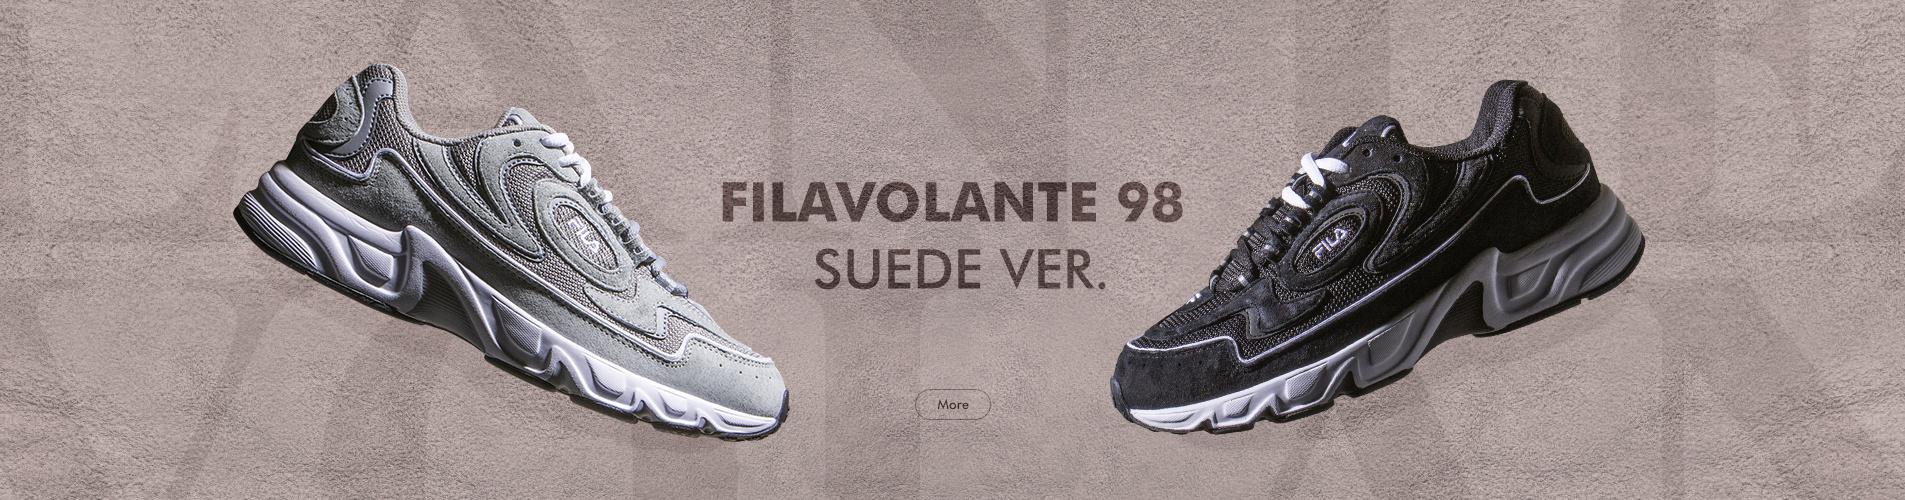 FILAVOLANTE 98  SUEDE VER. RELEASE